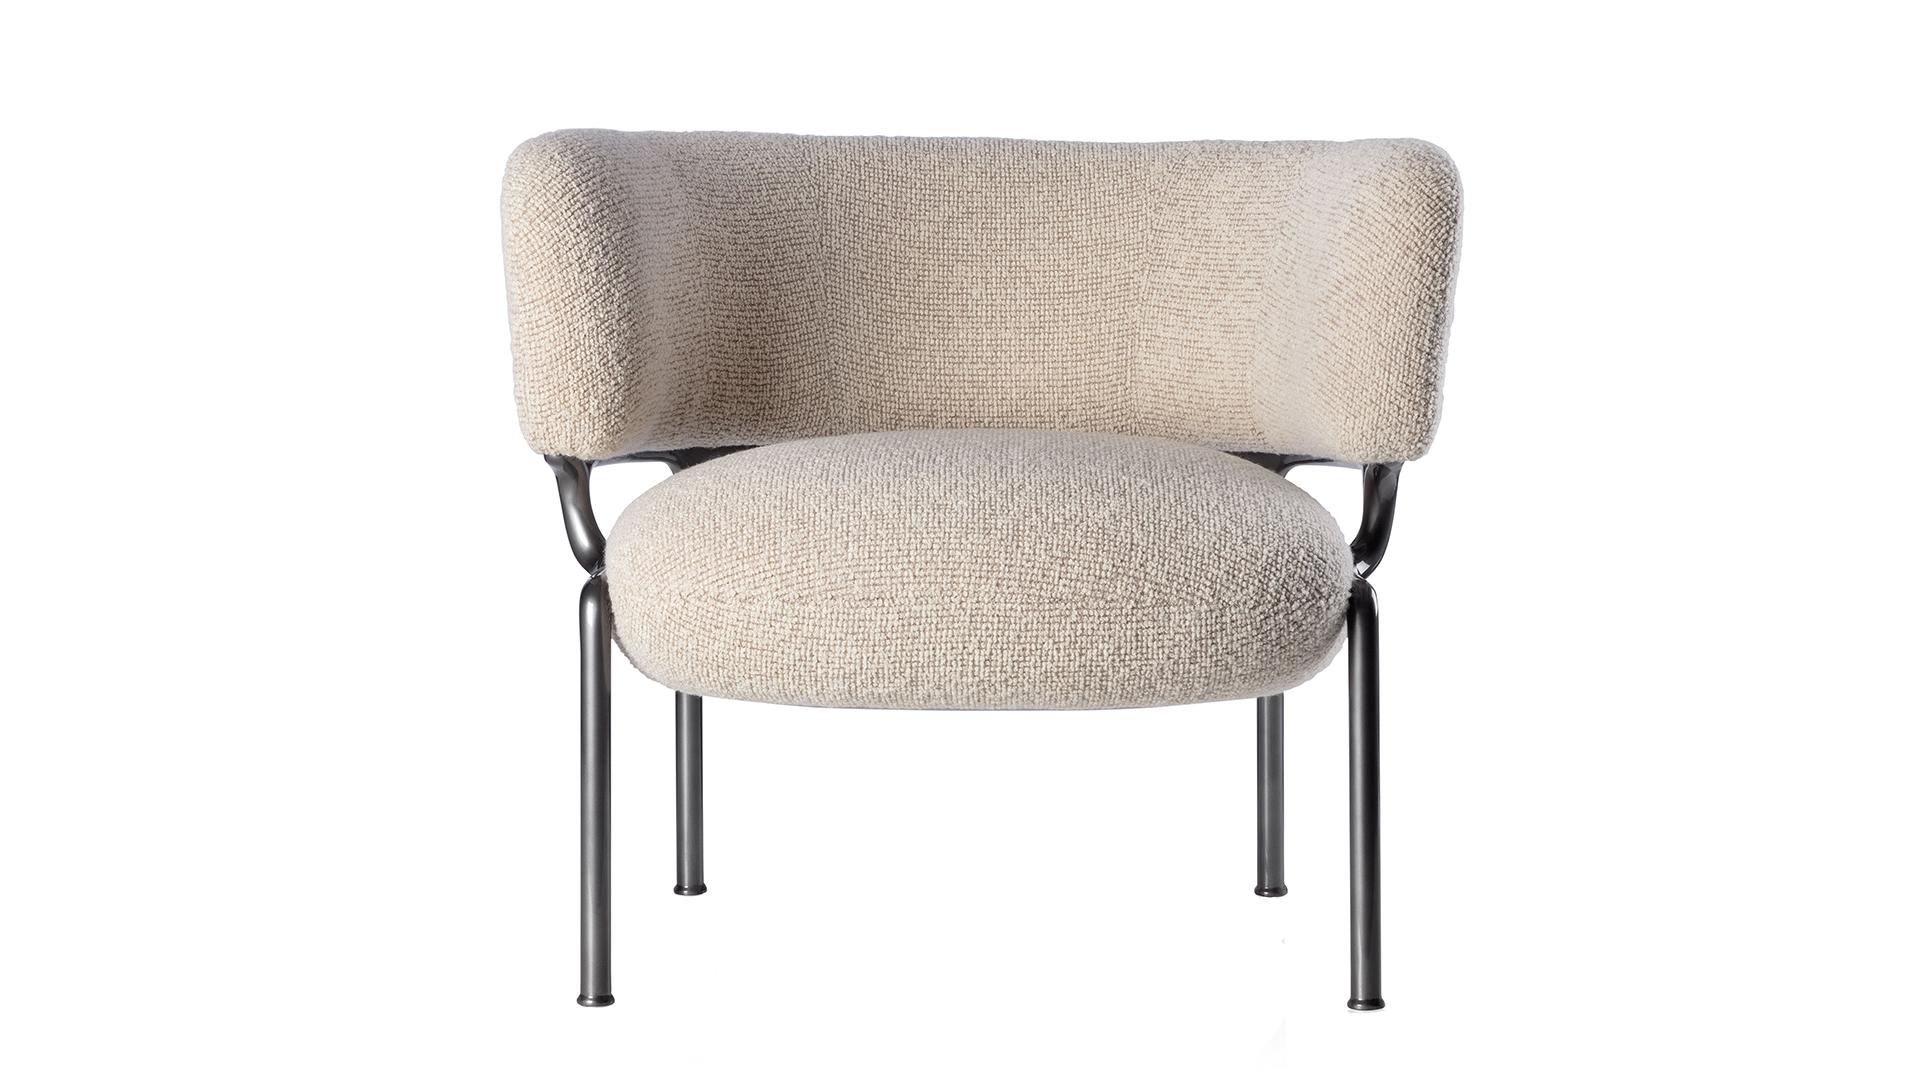 Conforto e elegância para sua sala de estar.